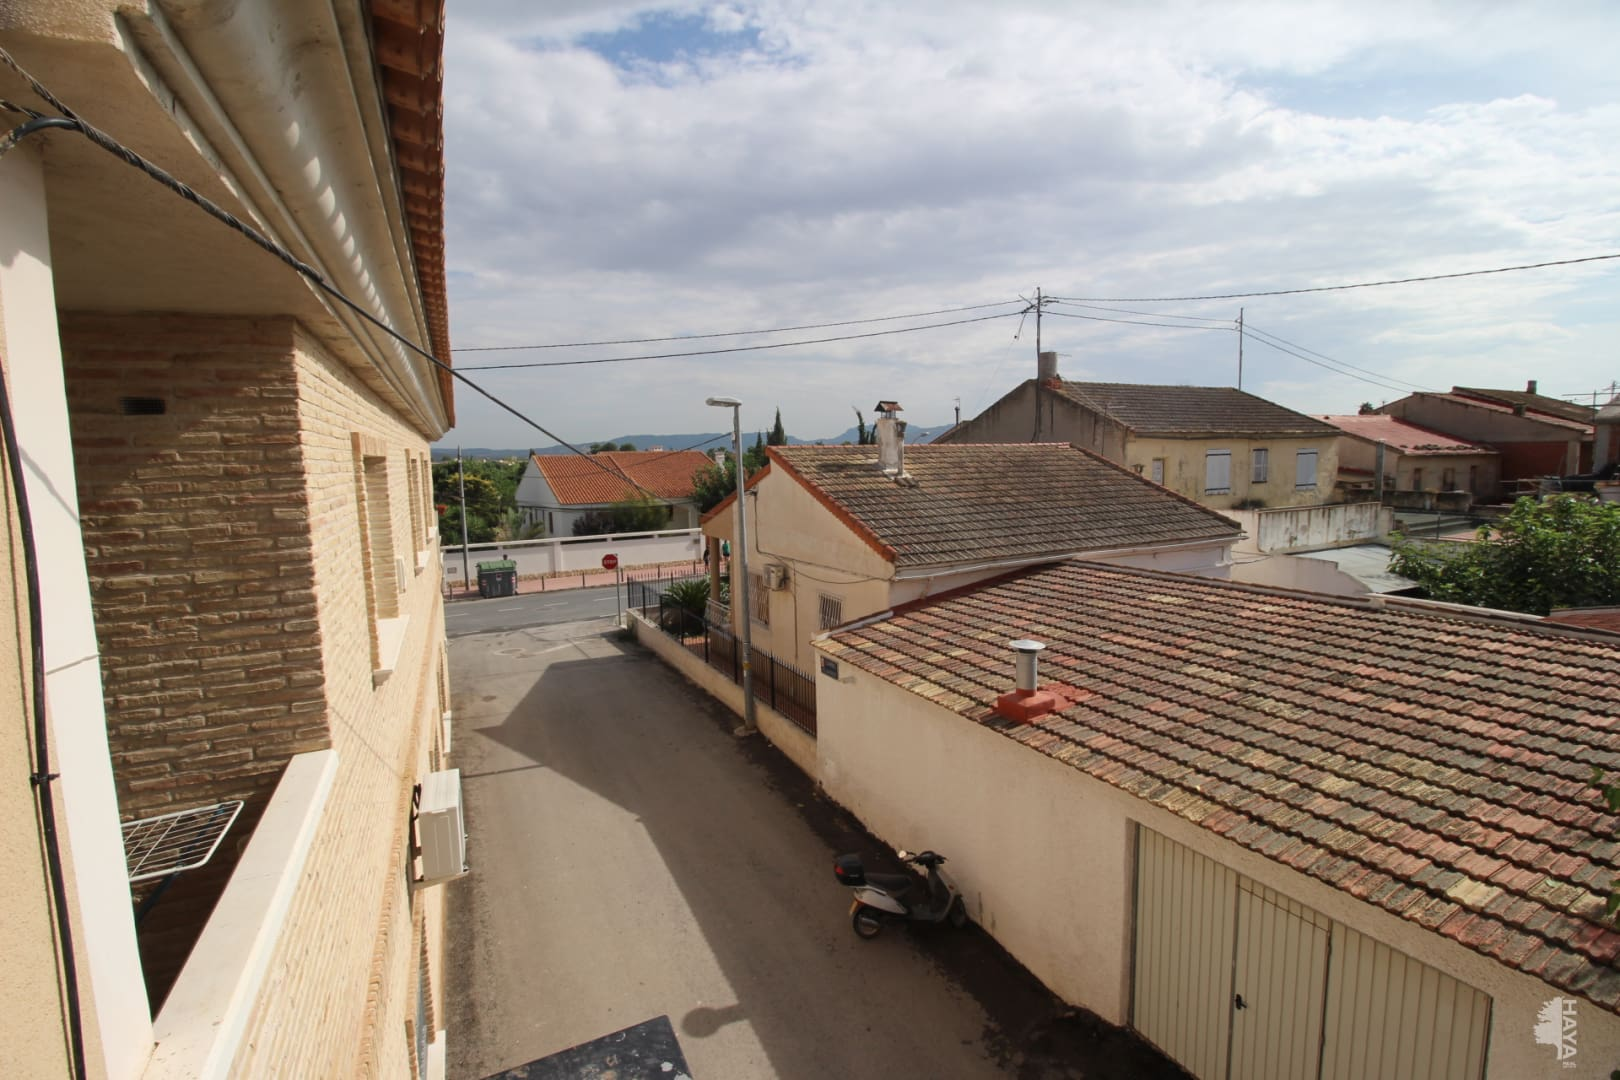 Piso en venta en Murcia, Murcia, Calle Miguel de la Nieves, 98.000 €, 4 habitaciones, 2 baños, 181 m2